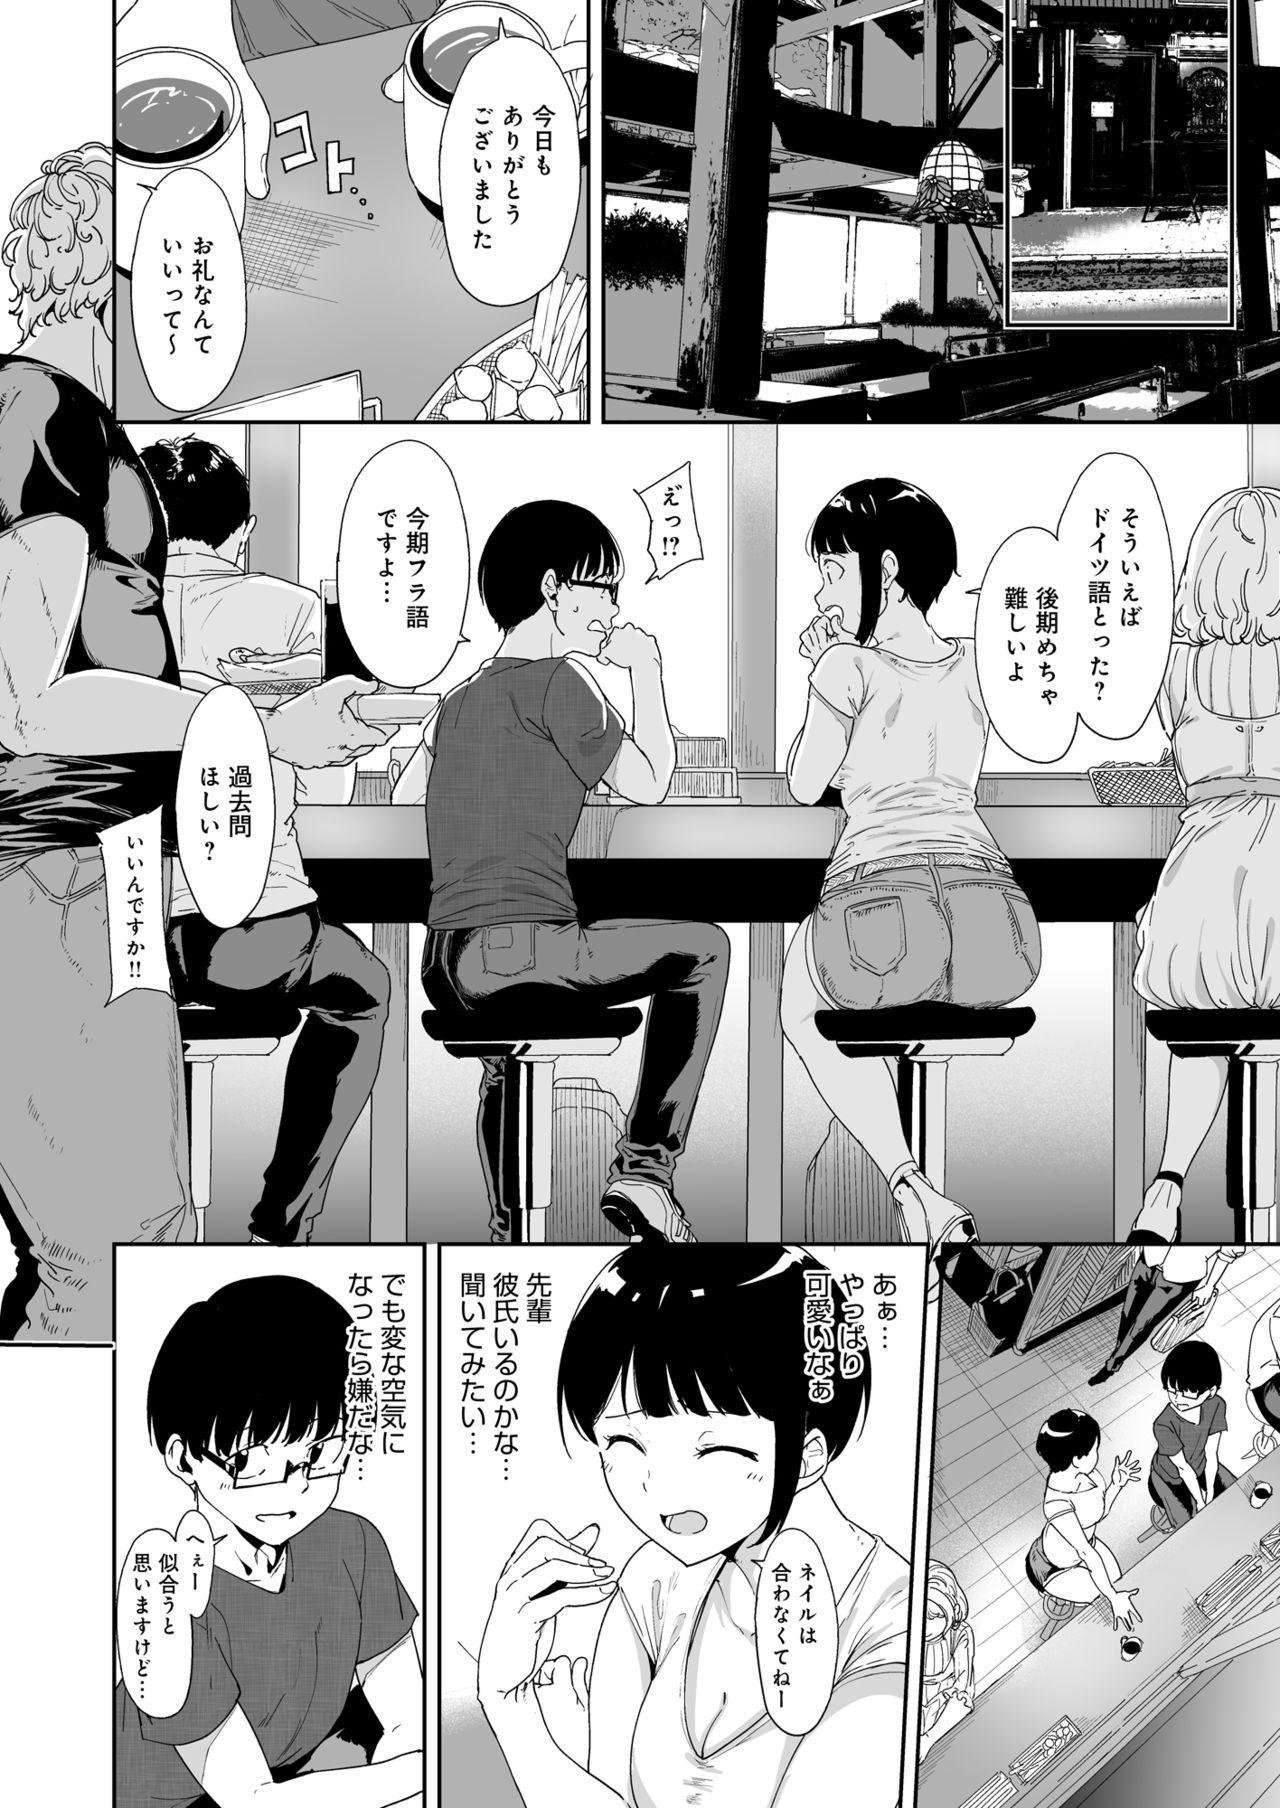 Akogare Kanojo no Risou to Genjitsu 4